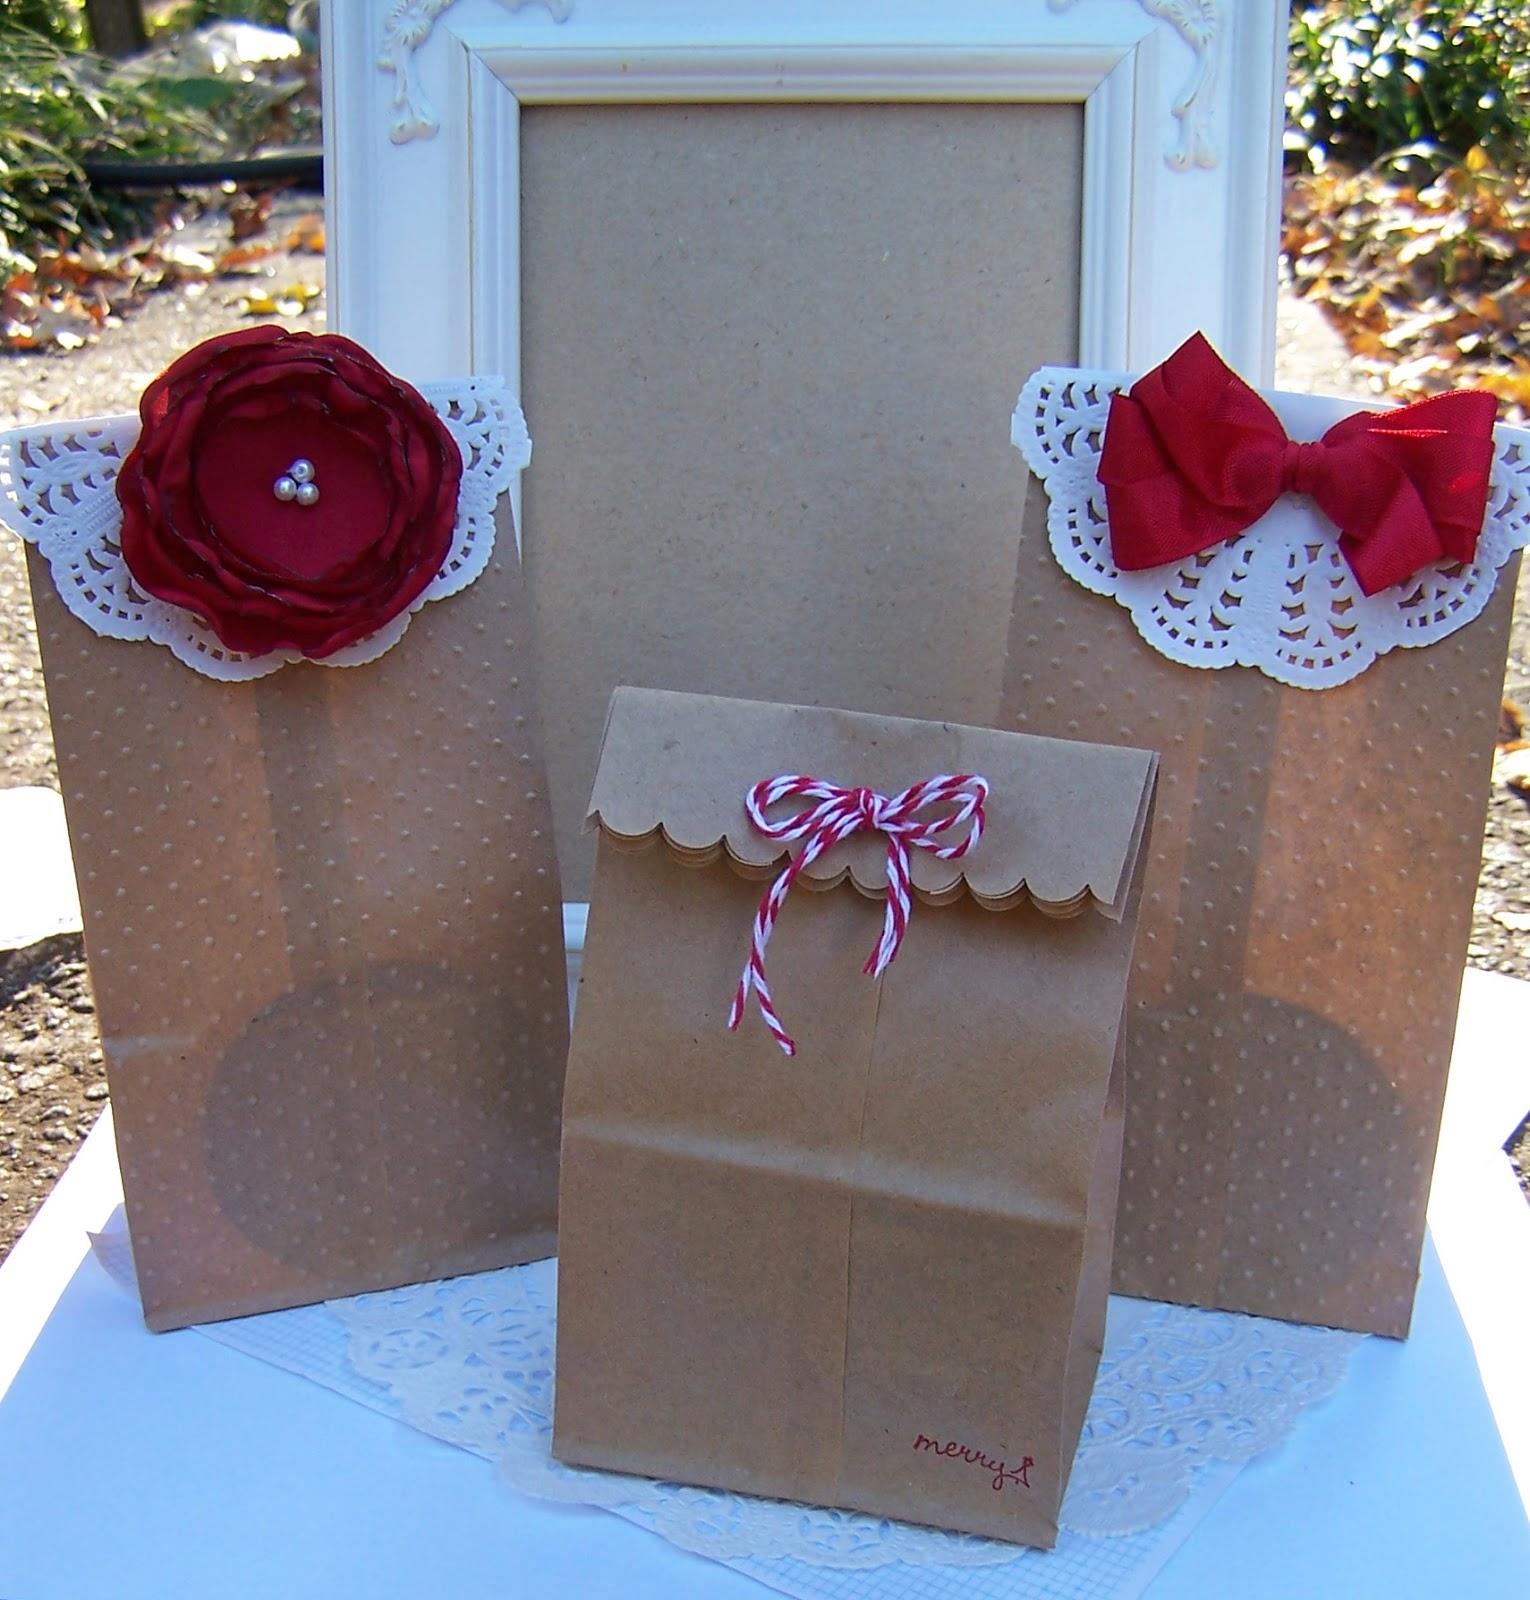 Christmas Gift Bags Diy.The Curtsey Boutique Diy Christmas Gift Bag Kits Mini